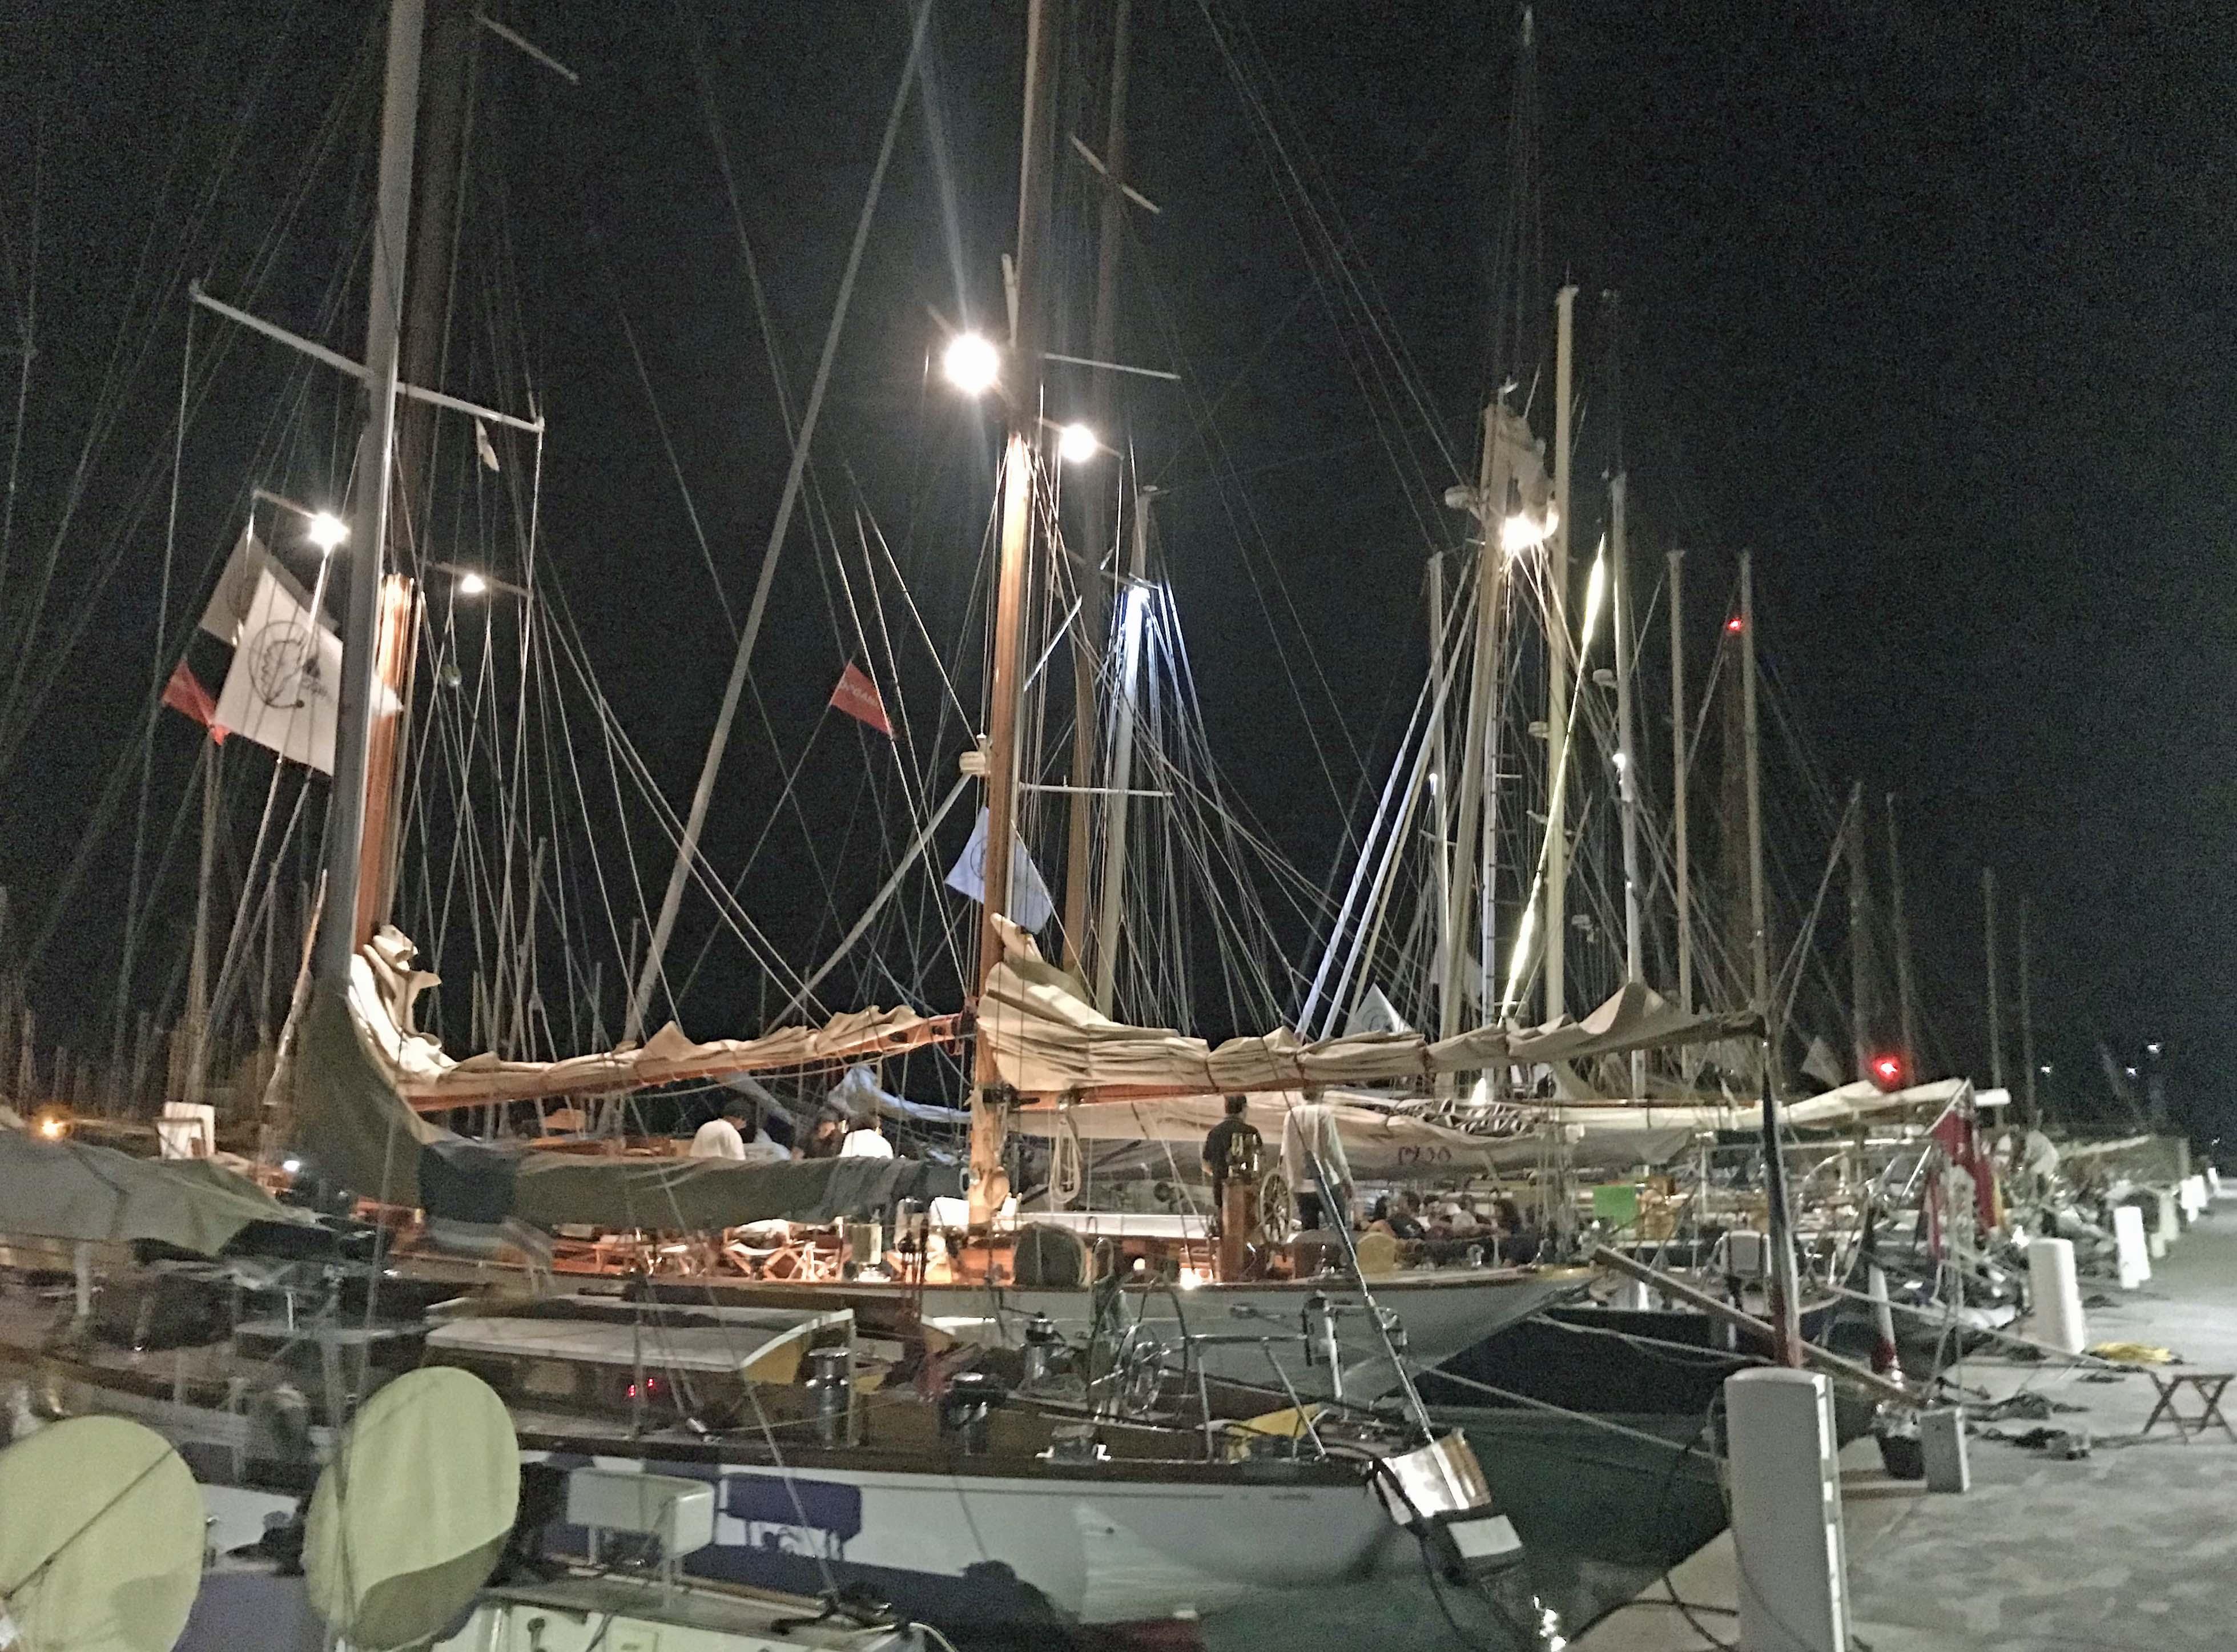 CC 2019 Port de Macinaggio vendredi 30 août photo Thibaud Assante DR